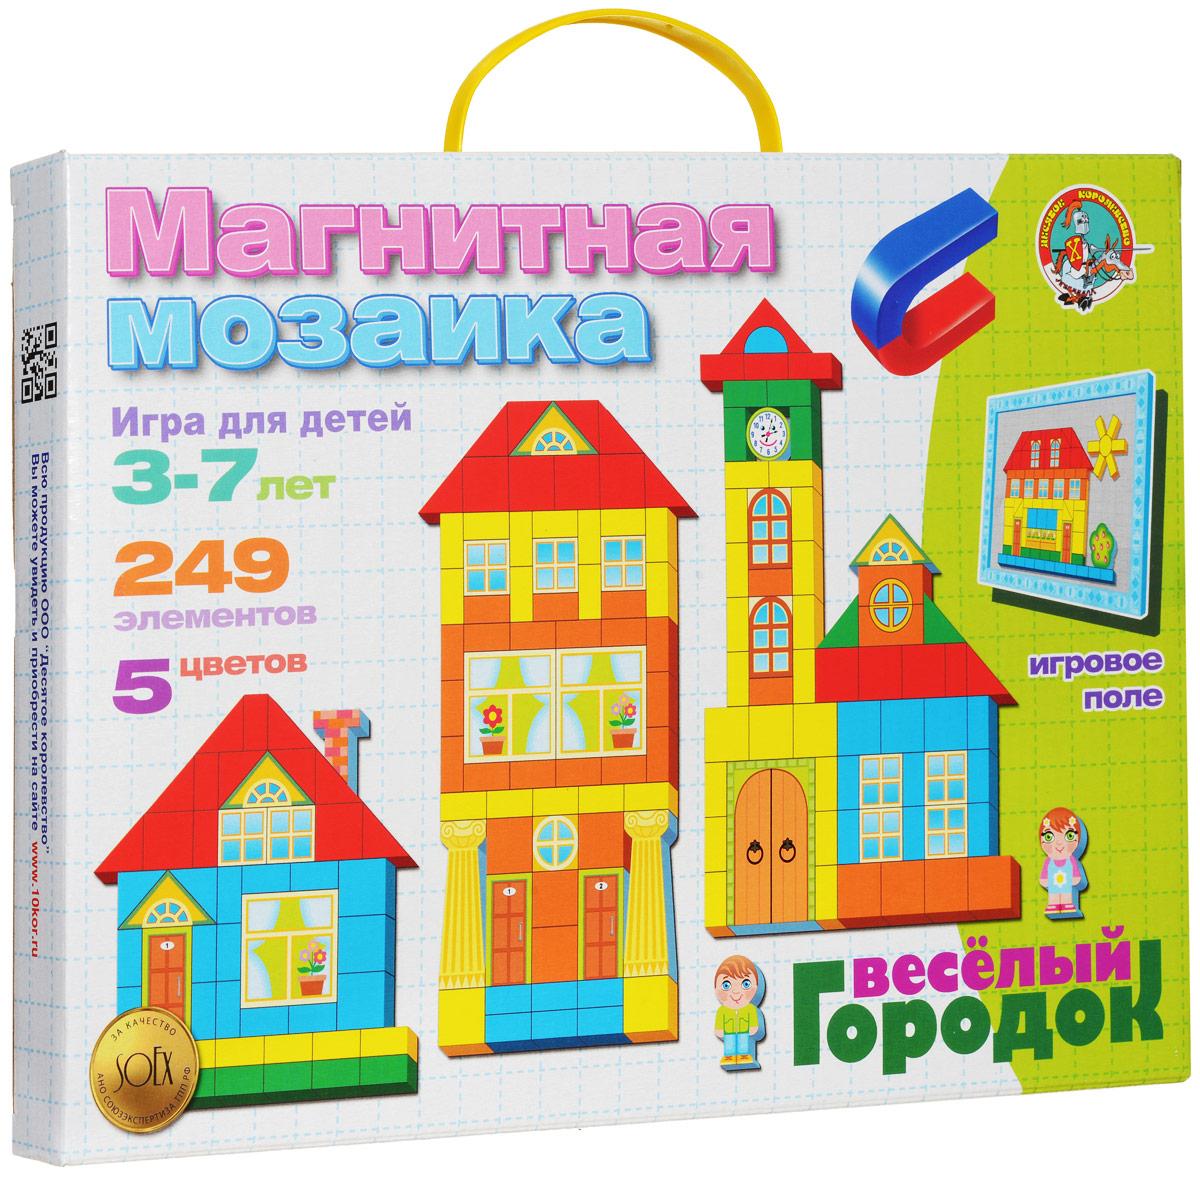 Магнитная мозаика Десятое королевство Веселый городок, 249 элементов01511Магнитная мозаика Десятое королевство Веселый городок - это яркая и увлекательная развивающая игра. В набор входят магнитная доска, 220 магнитных фишек, оформленных рисунками с городской тематикой и 29 разноцветных мозаичных элементов на магнитной основе, с помощью которых ребенок сможет создавать тематические картинки и все, что подскажет ему фантазия. Элементы мозаики выполнены из вспененного полимера в виде геометрических фигур и представлены пяти цветов. Магнитная мозаика часто рекомендуется педагогами для развития у детей мелкой моторики. Мозаику с магнитным полем можно использовать как конструктор. Игры с магнитной мозаикой Десятое королевство Веселый городок способствуют развитию у малышей мелкой моторики рук, координации движений, внимательности, логического и абстрактного мышления, ориентировки на плоскости, а также воображения и творческих способностей. Рекомендуемый возраст: от 3 до 7 лет.